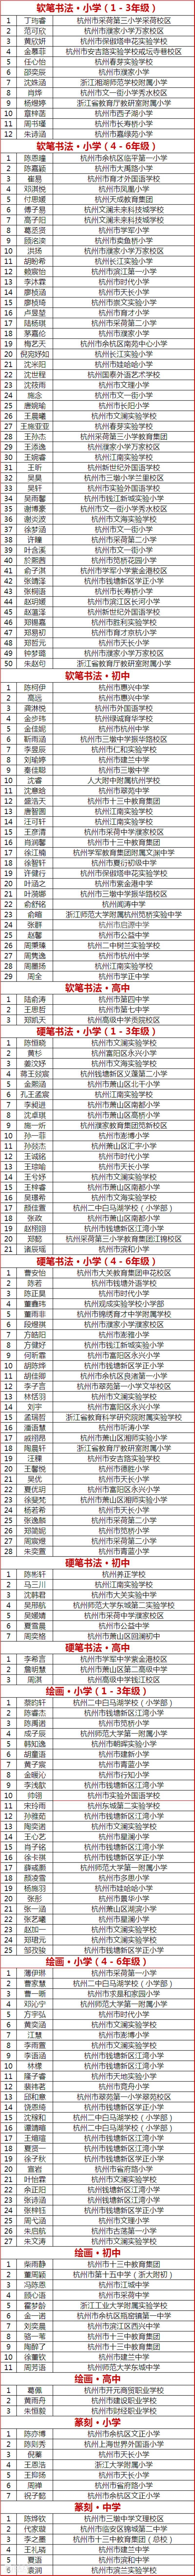 2020杭州市中小学生宪法主题艺术评展现场决赛入围名单|现场决赛将于11月22日(周日)下午在杭州高级中学举行 杭州市 中小学生 宪法 主题 艺术 现场 杭州高级中学 名单 活动 作品 崇真艺客